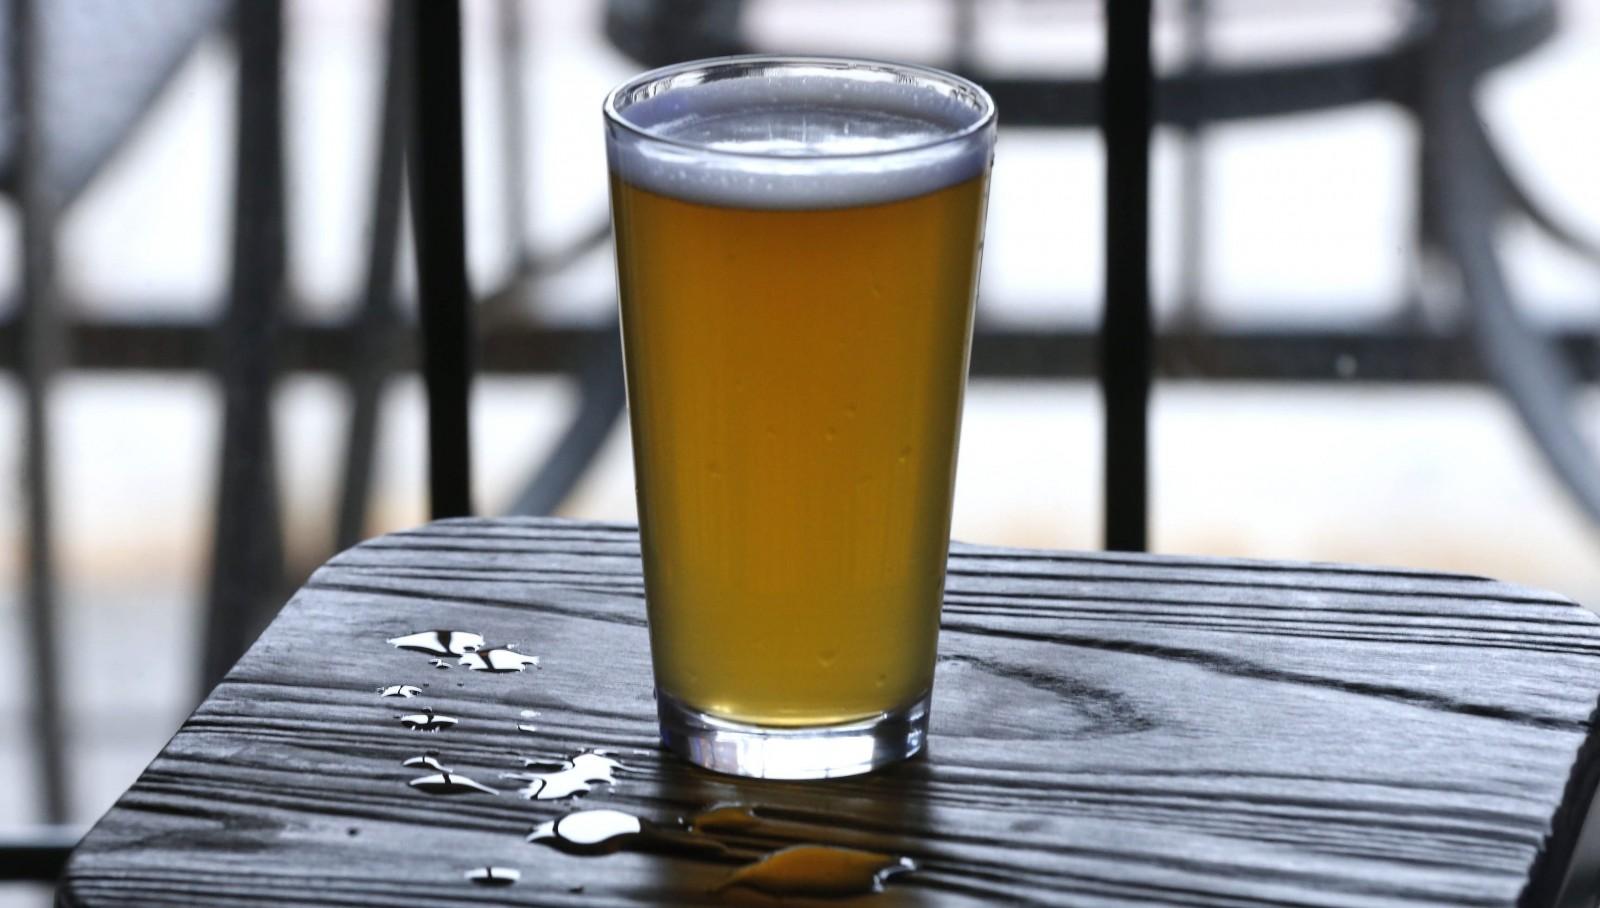 A refreshing pint of 42 North Brewery's Wallonia Wit at Local Kitchen & Beer Bar at 88 W. Chippewa St. in Buffalo on Saturday, May 7, 2016.  (Robert Kirkham/Buffalo News)